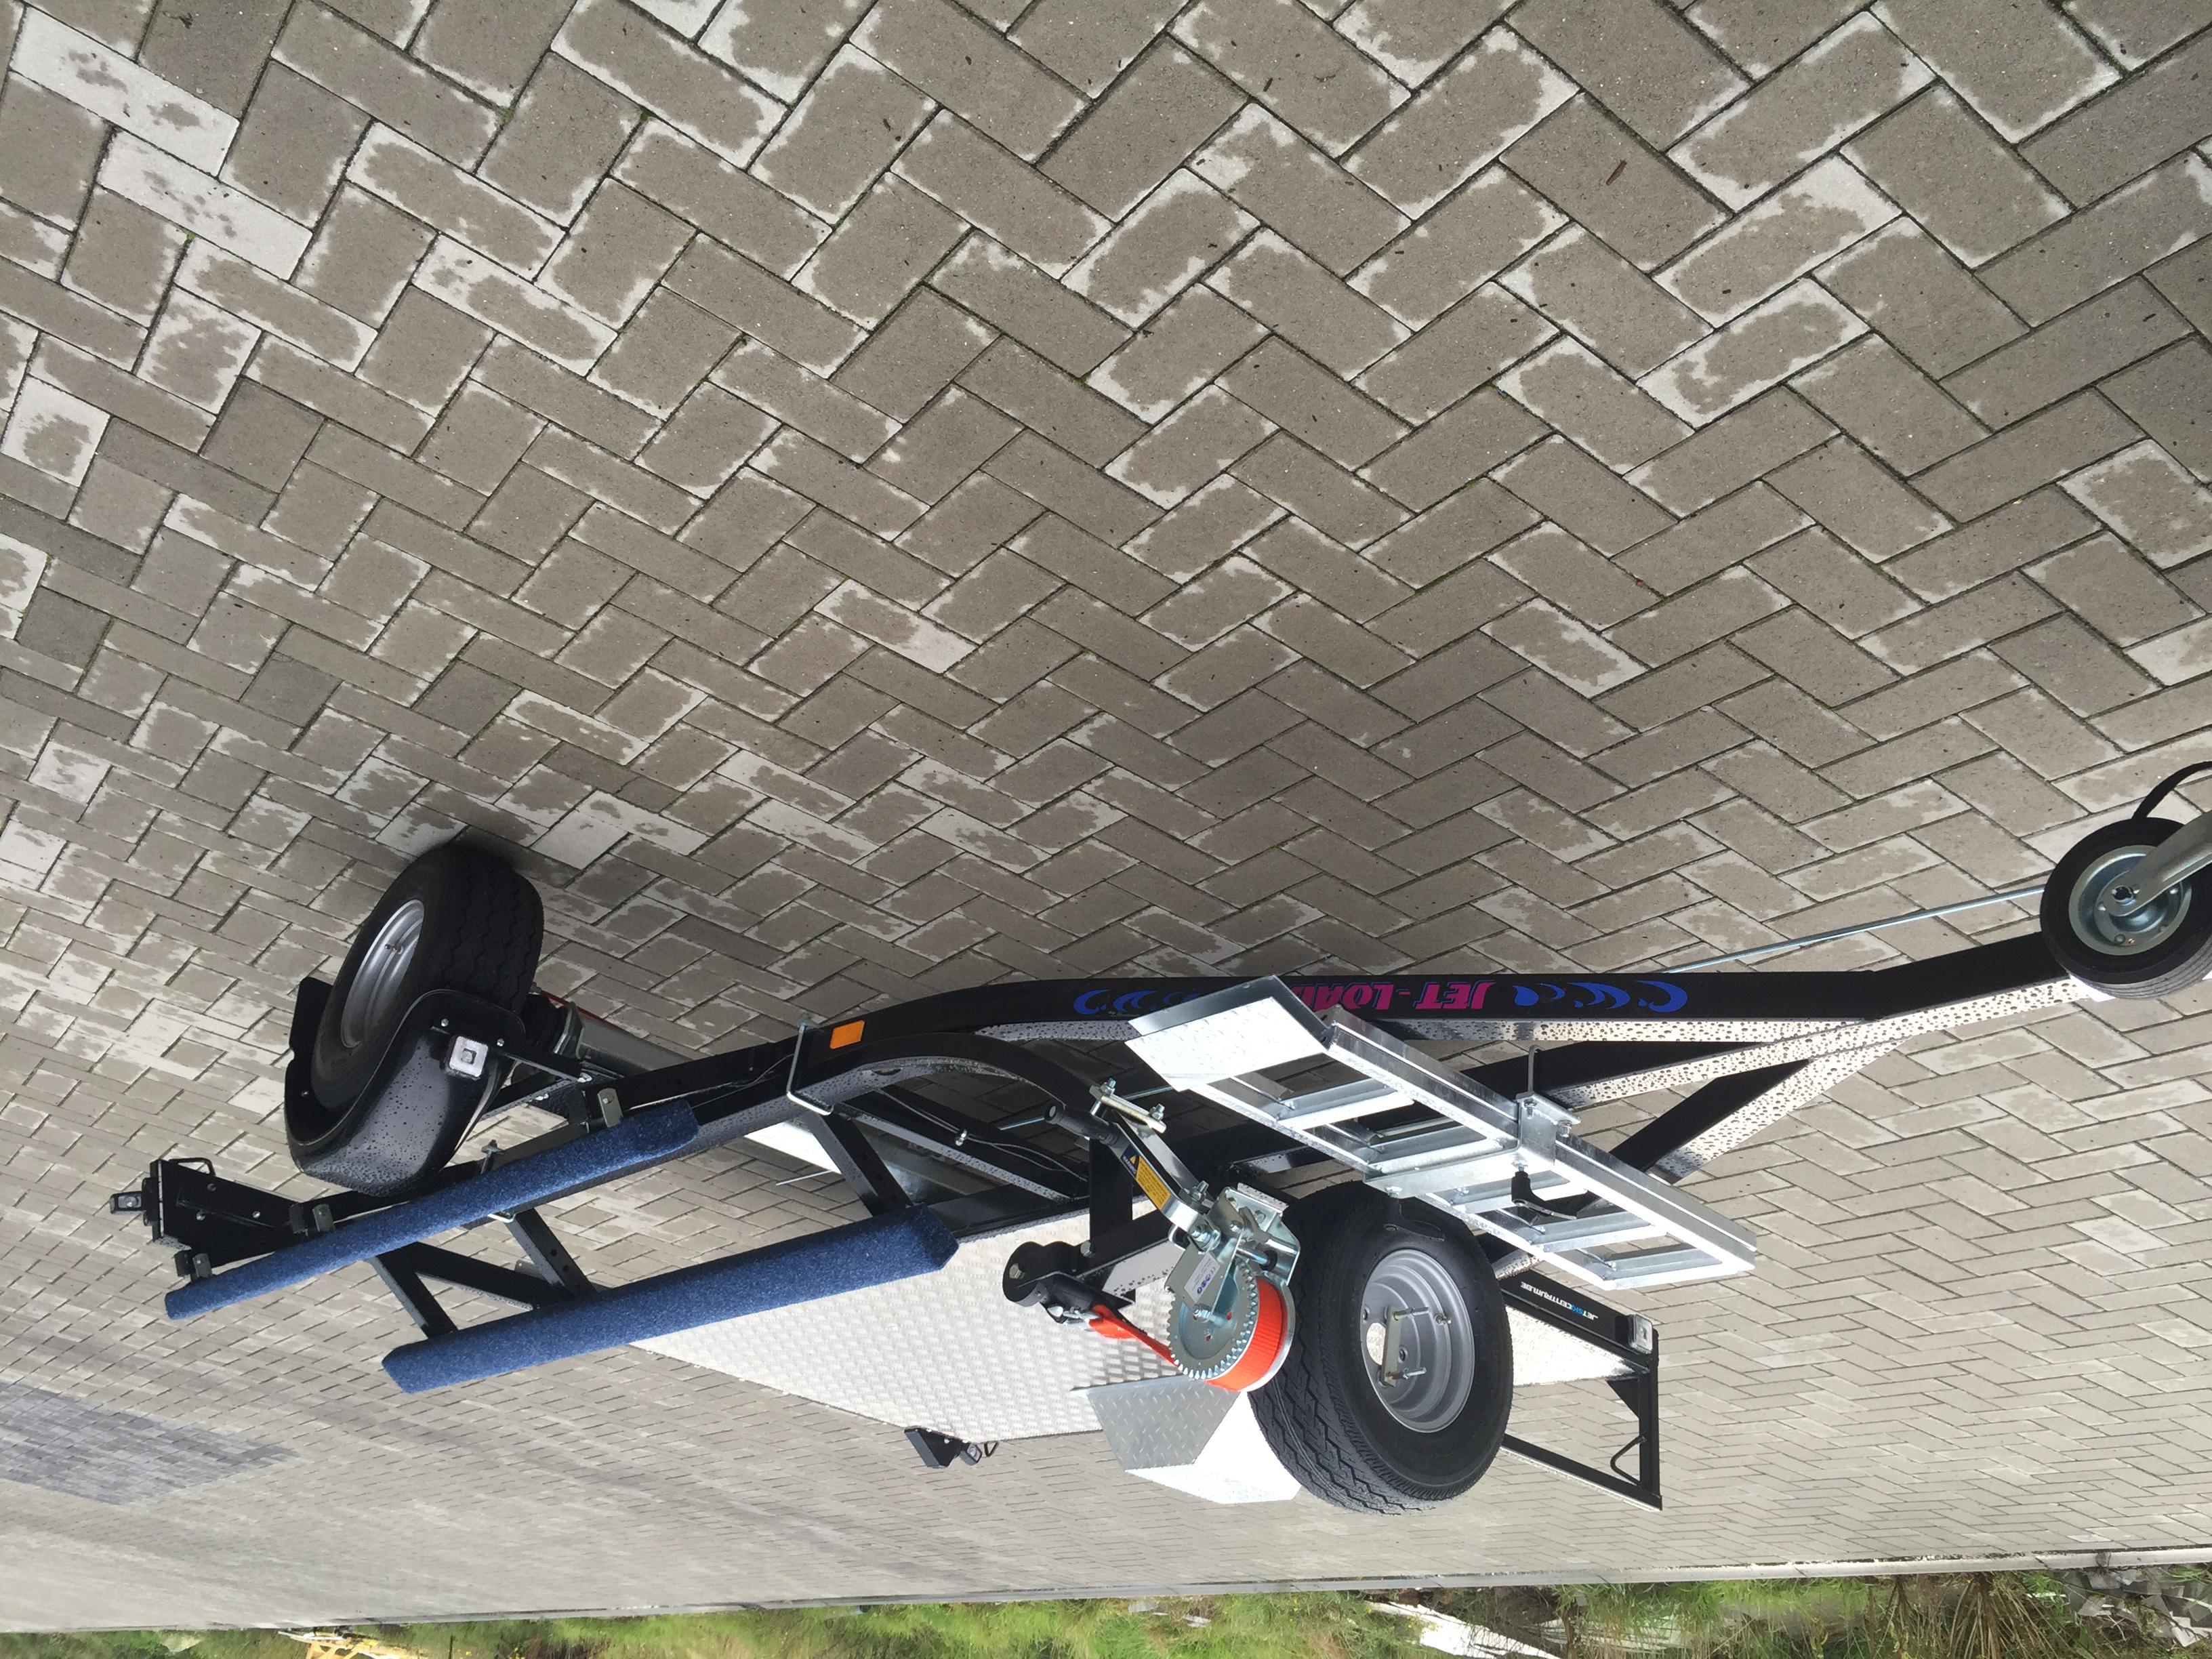 Jet-Loader Jet-quad 1300kg Image